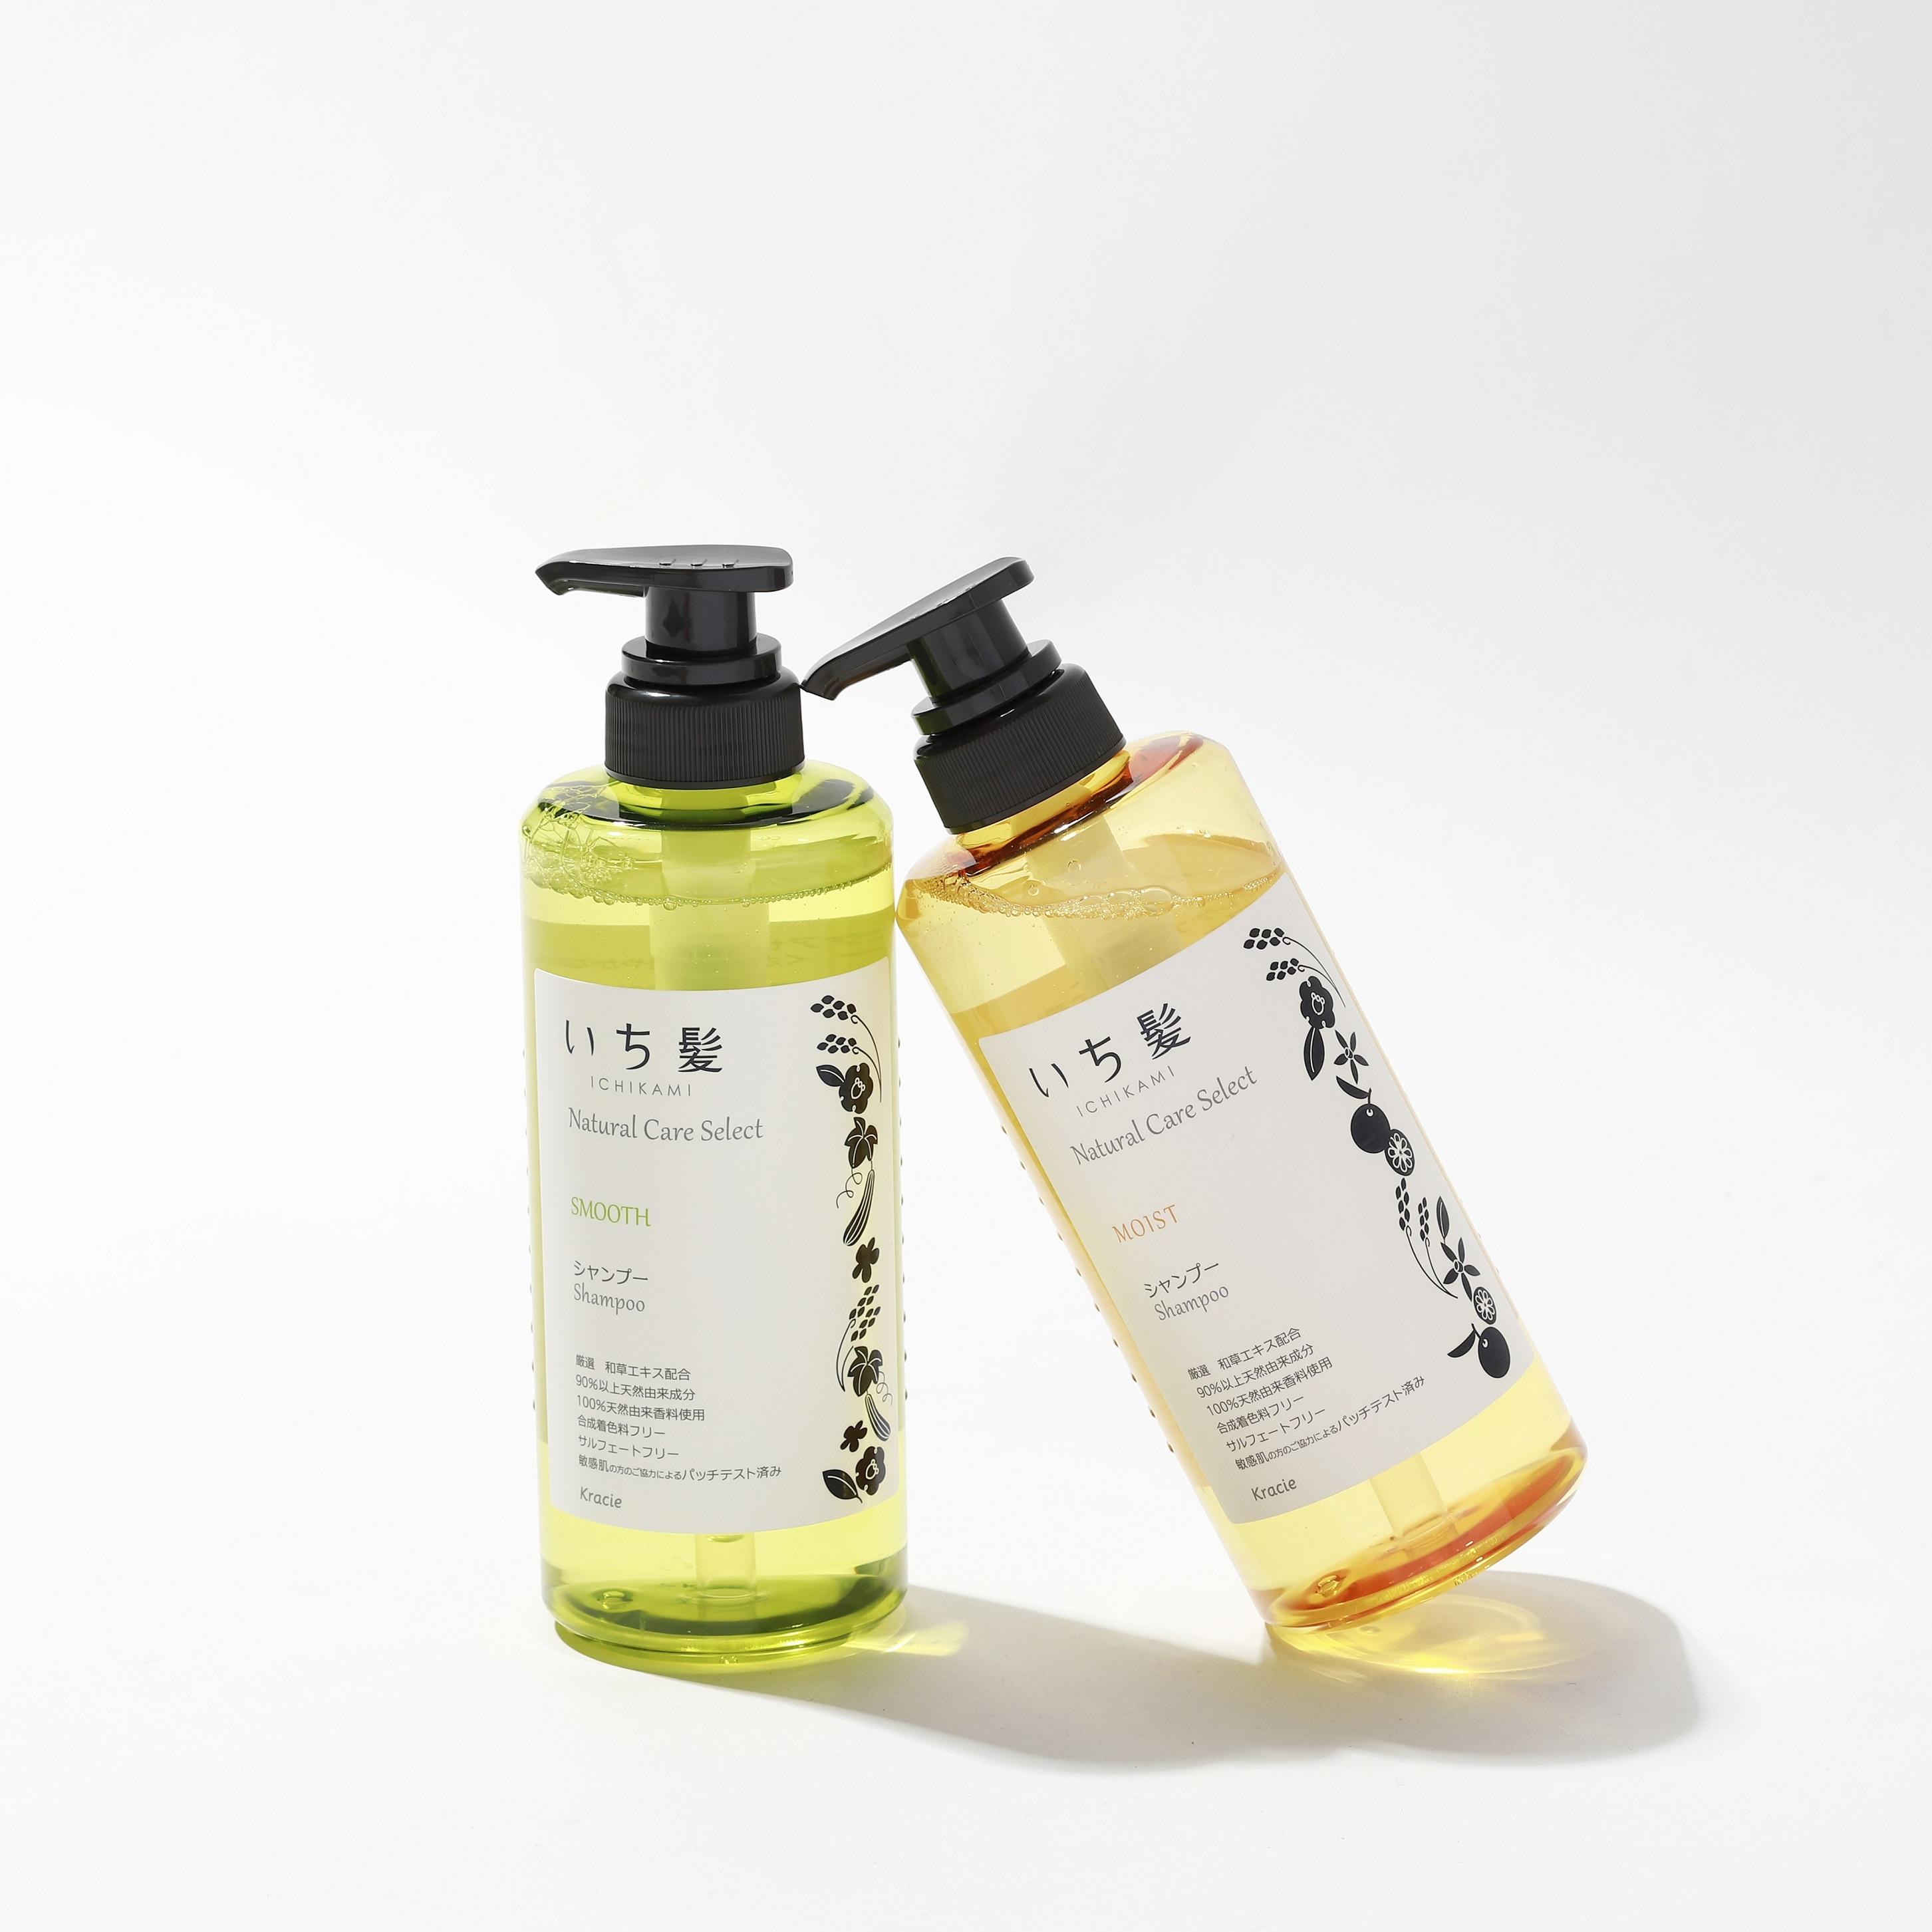 プレミアムヘアケア、「いち髪 Natural Care Select」にトライ